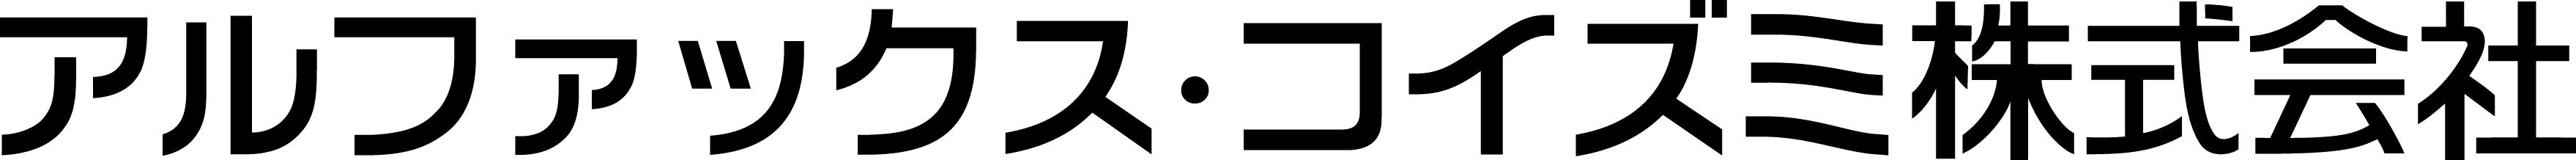 ALX_logo02